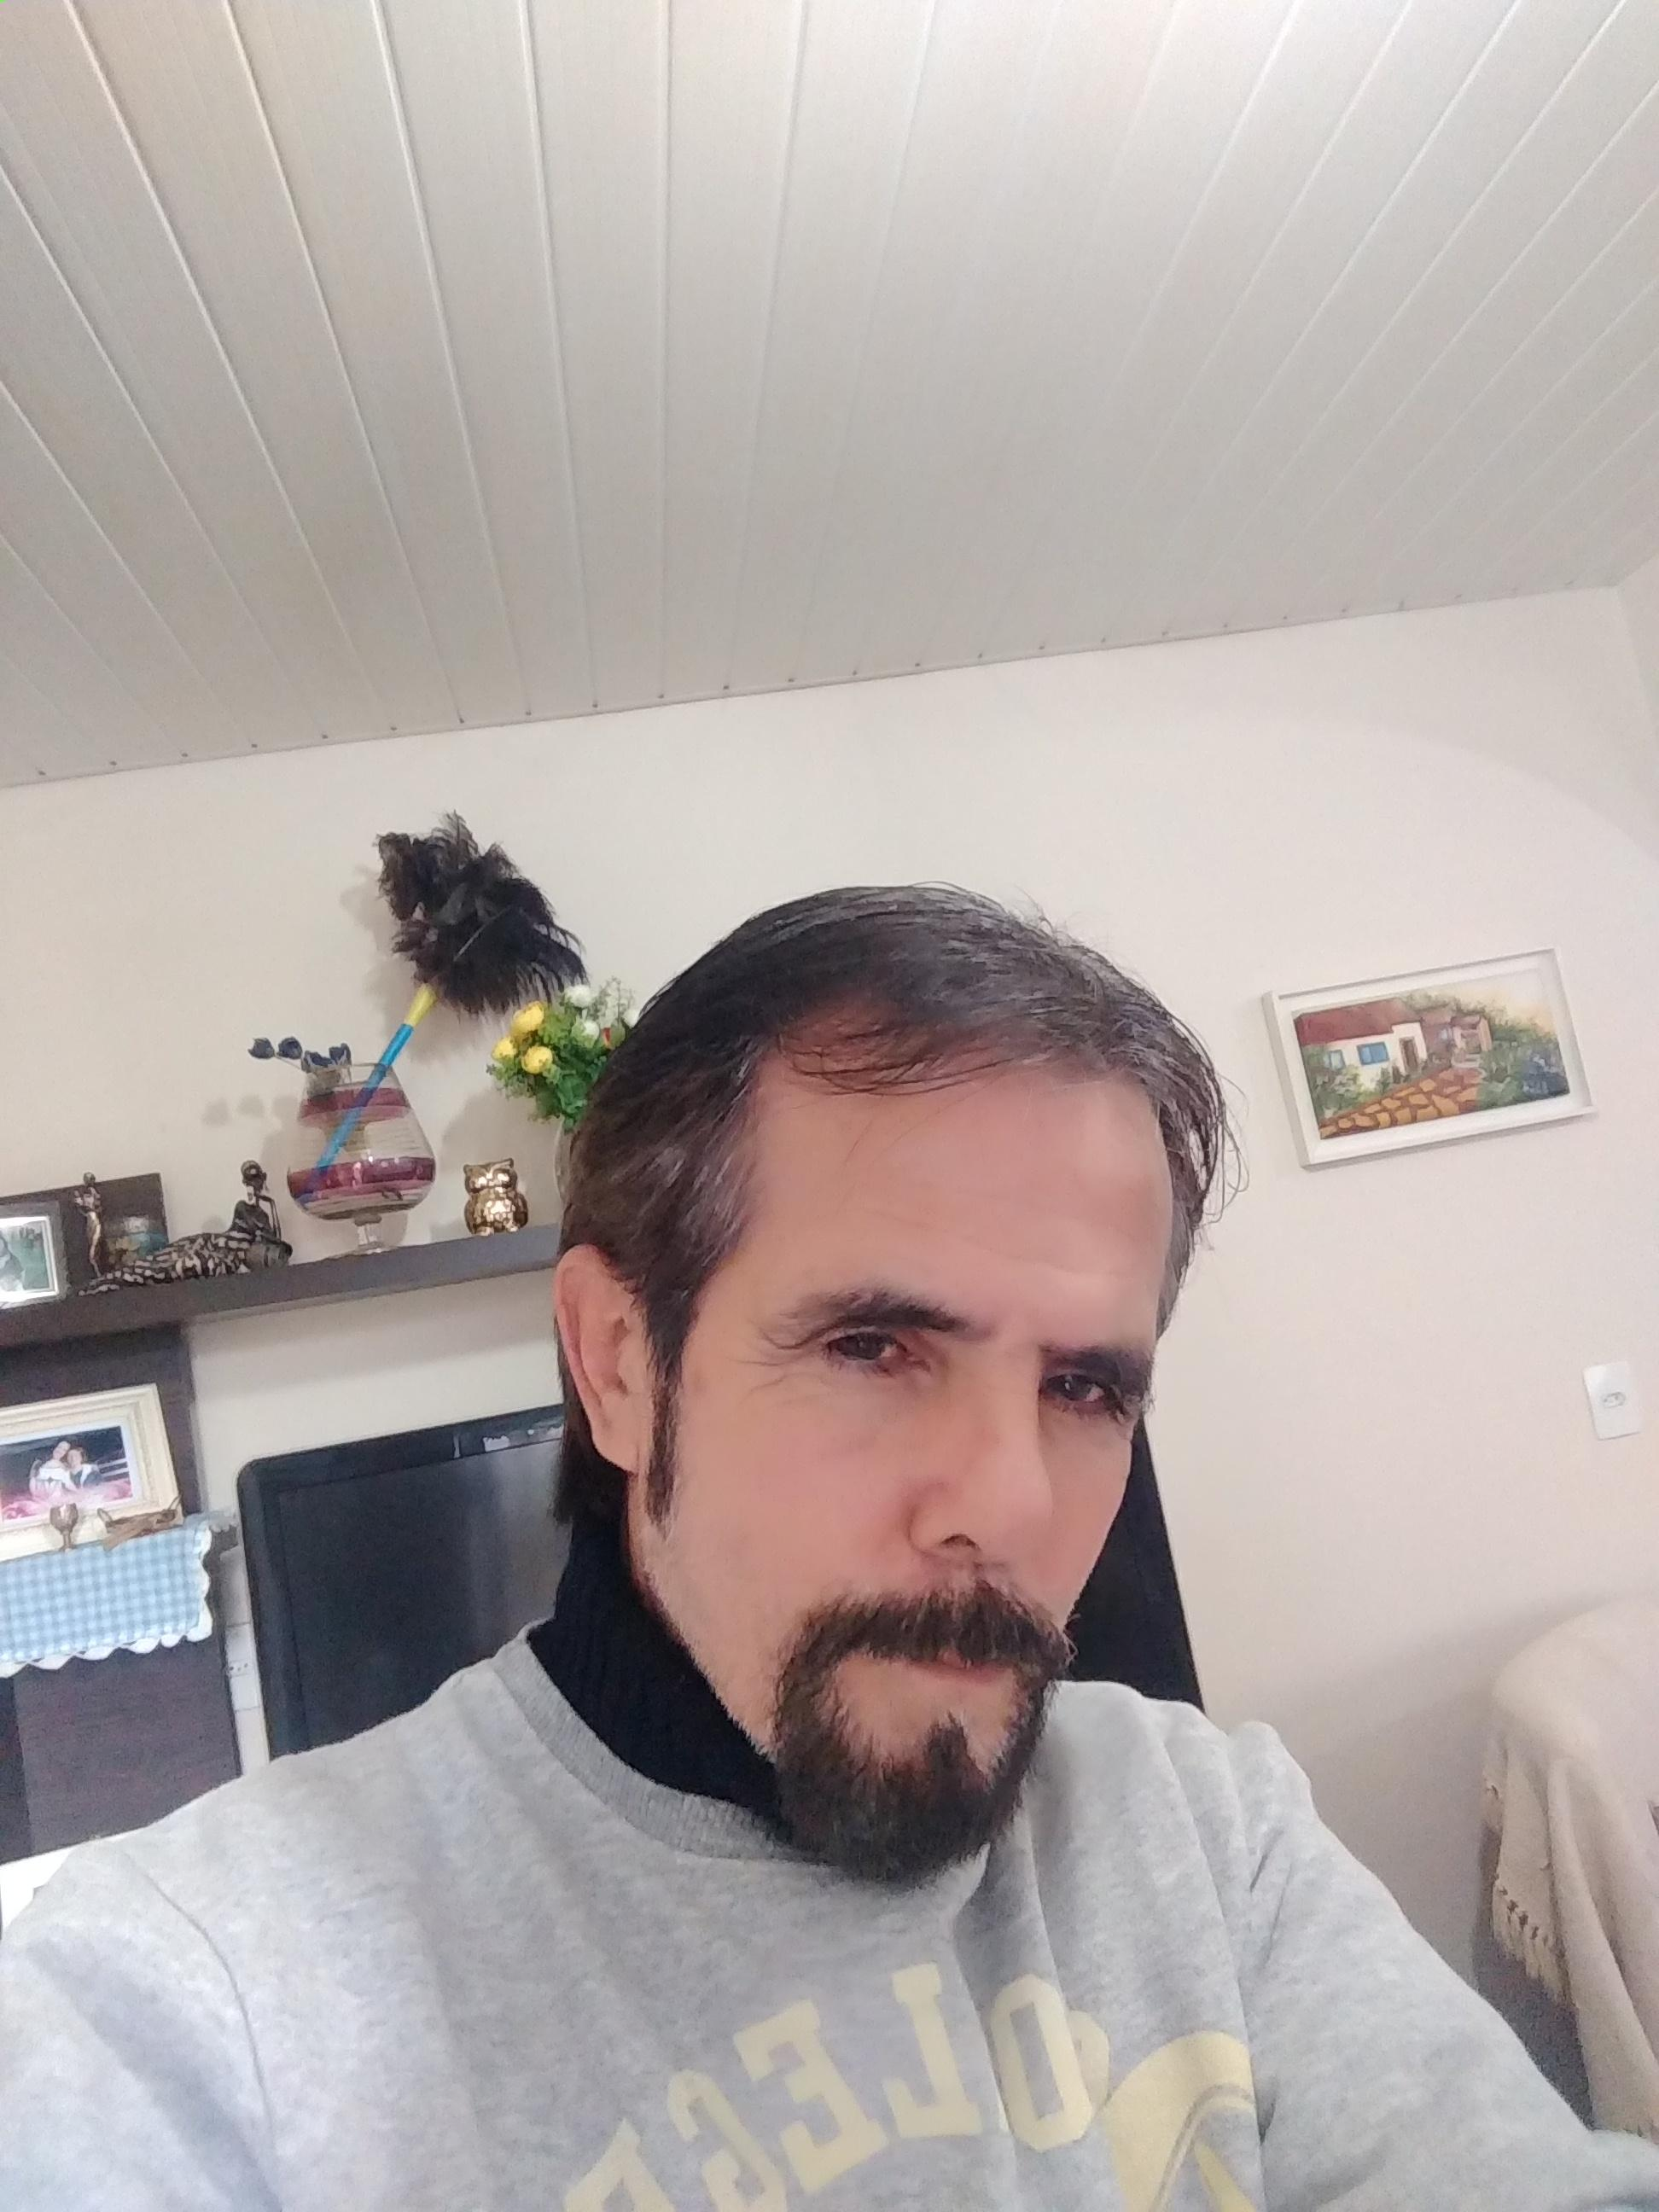 Ricardolobosc1?s=xgcandrszsp5qb7+jbtd76j6rmne7wsl38lsjikigju=